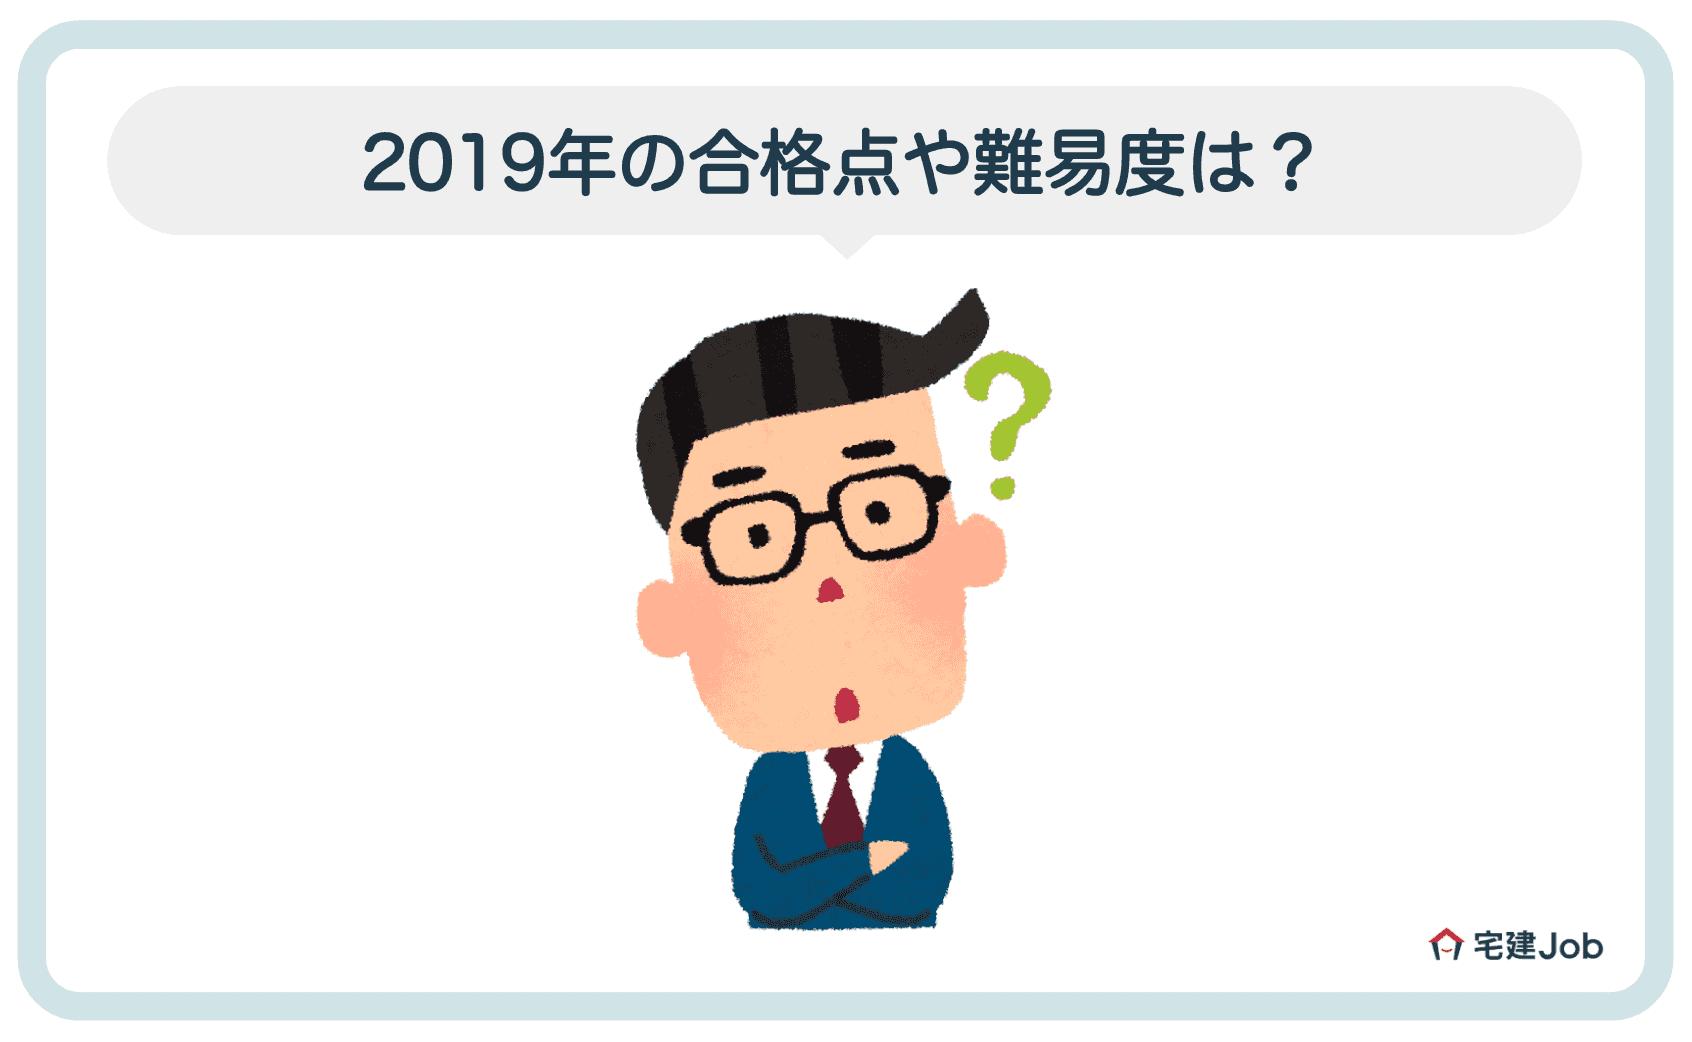 1.マンション管理士2019年の合格点や難易度は?